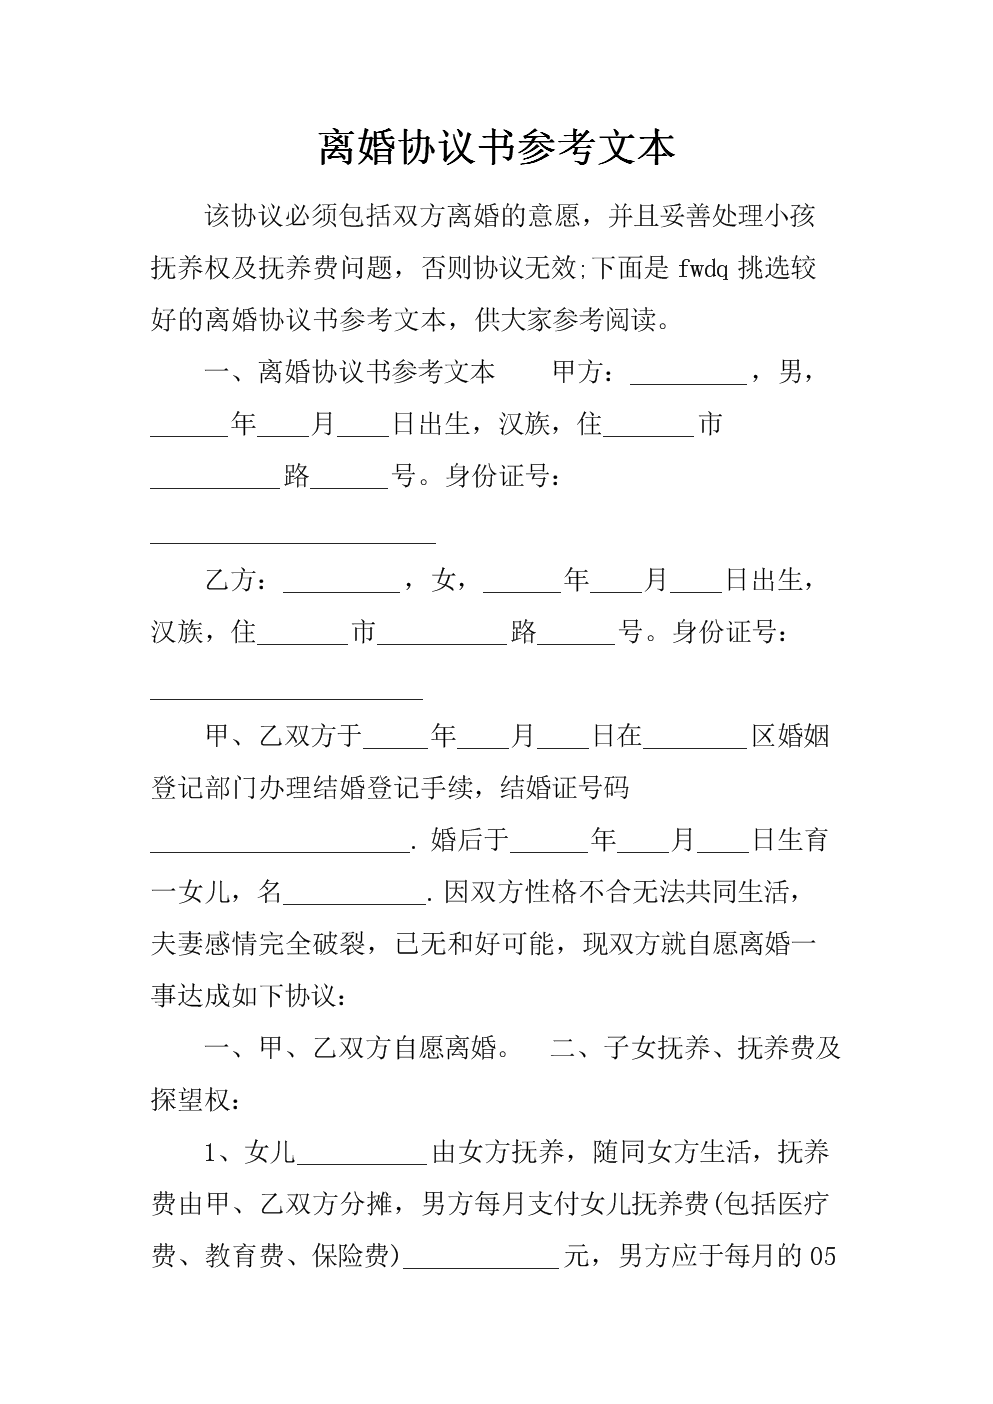 离婚协议书参考文本.docx图片